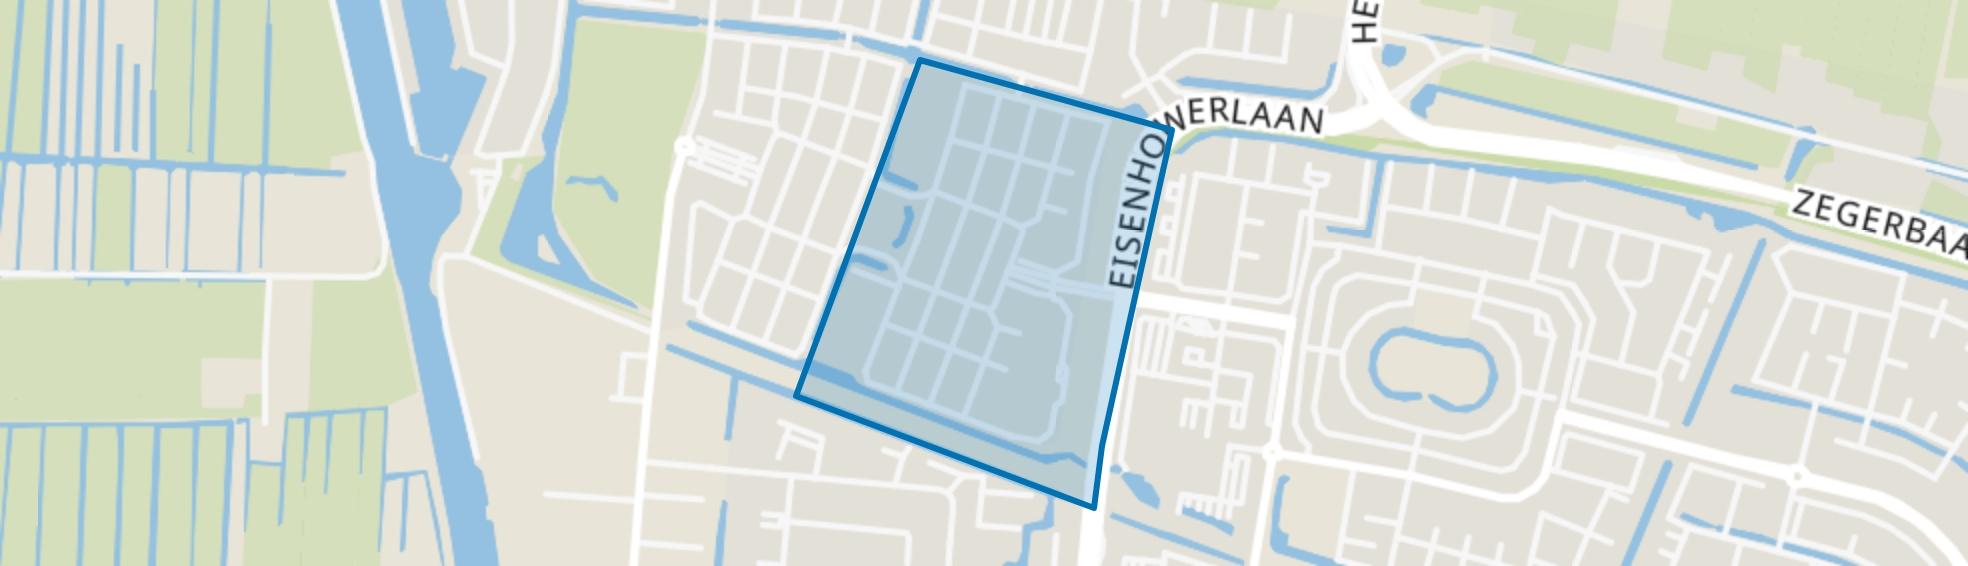 Ambachtenbuurt-Oost, Alphen aan den Rijn map